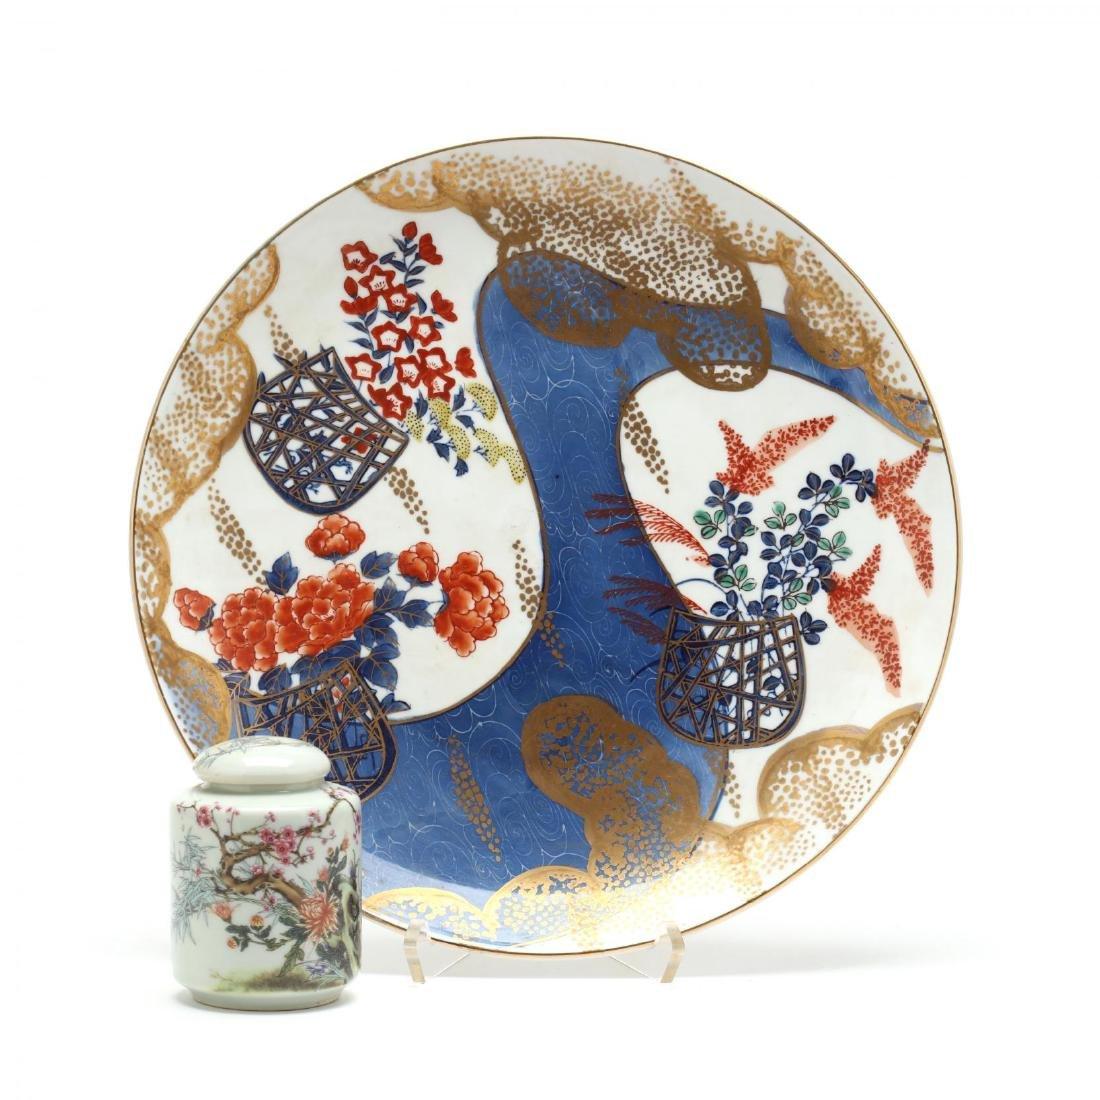 Two Contemporary Asian Ceramics